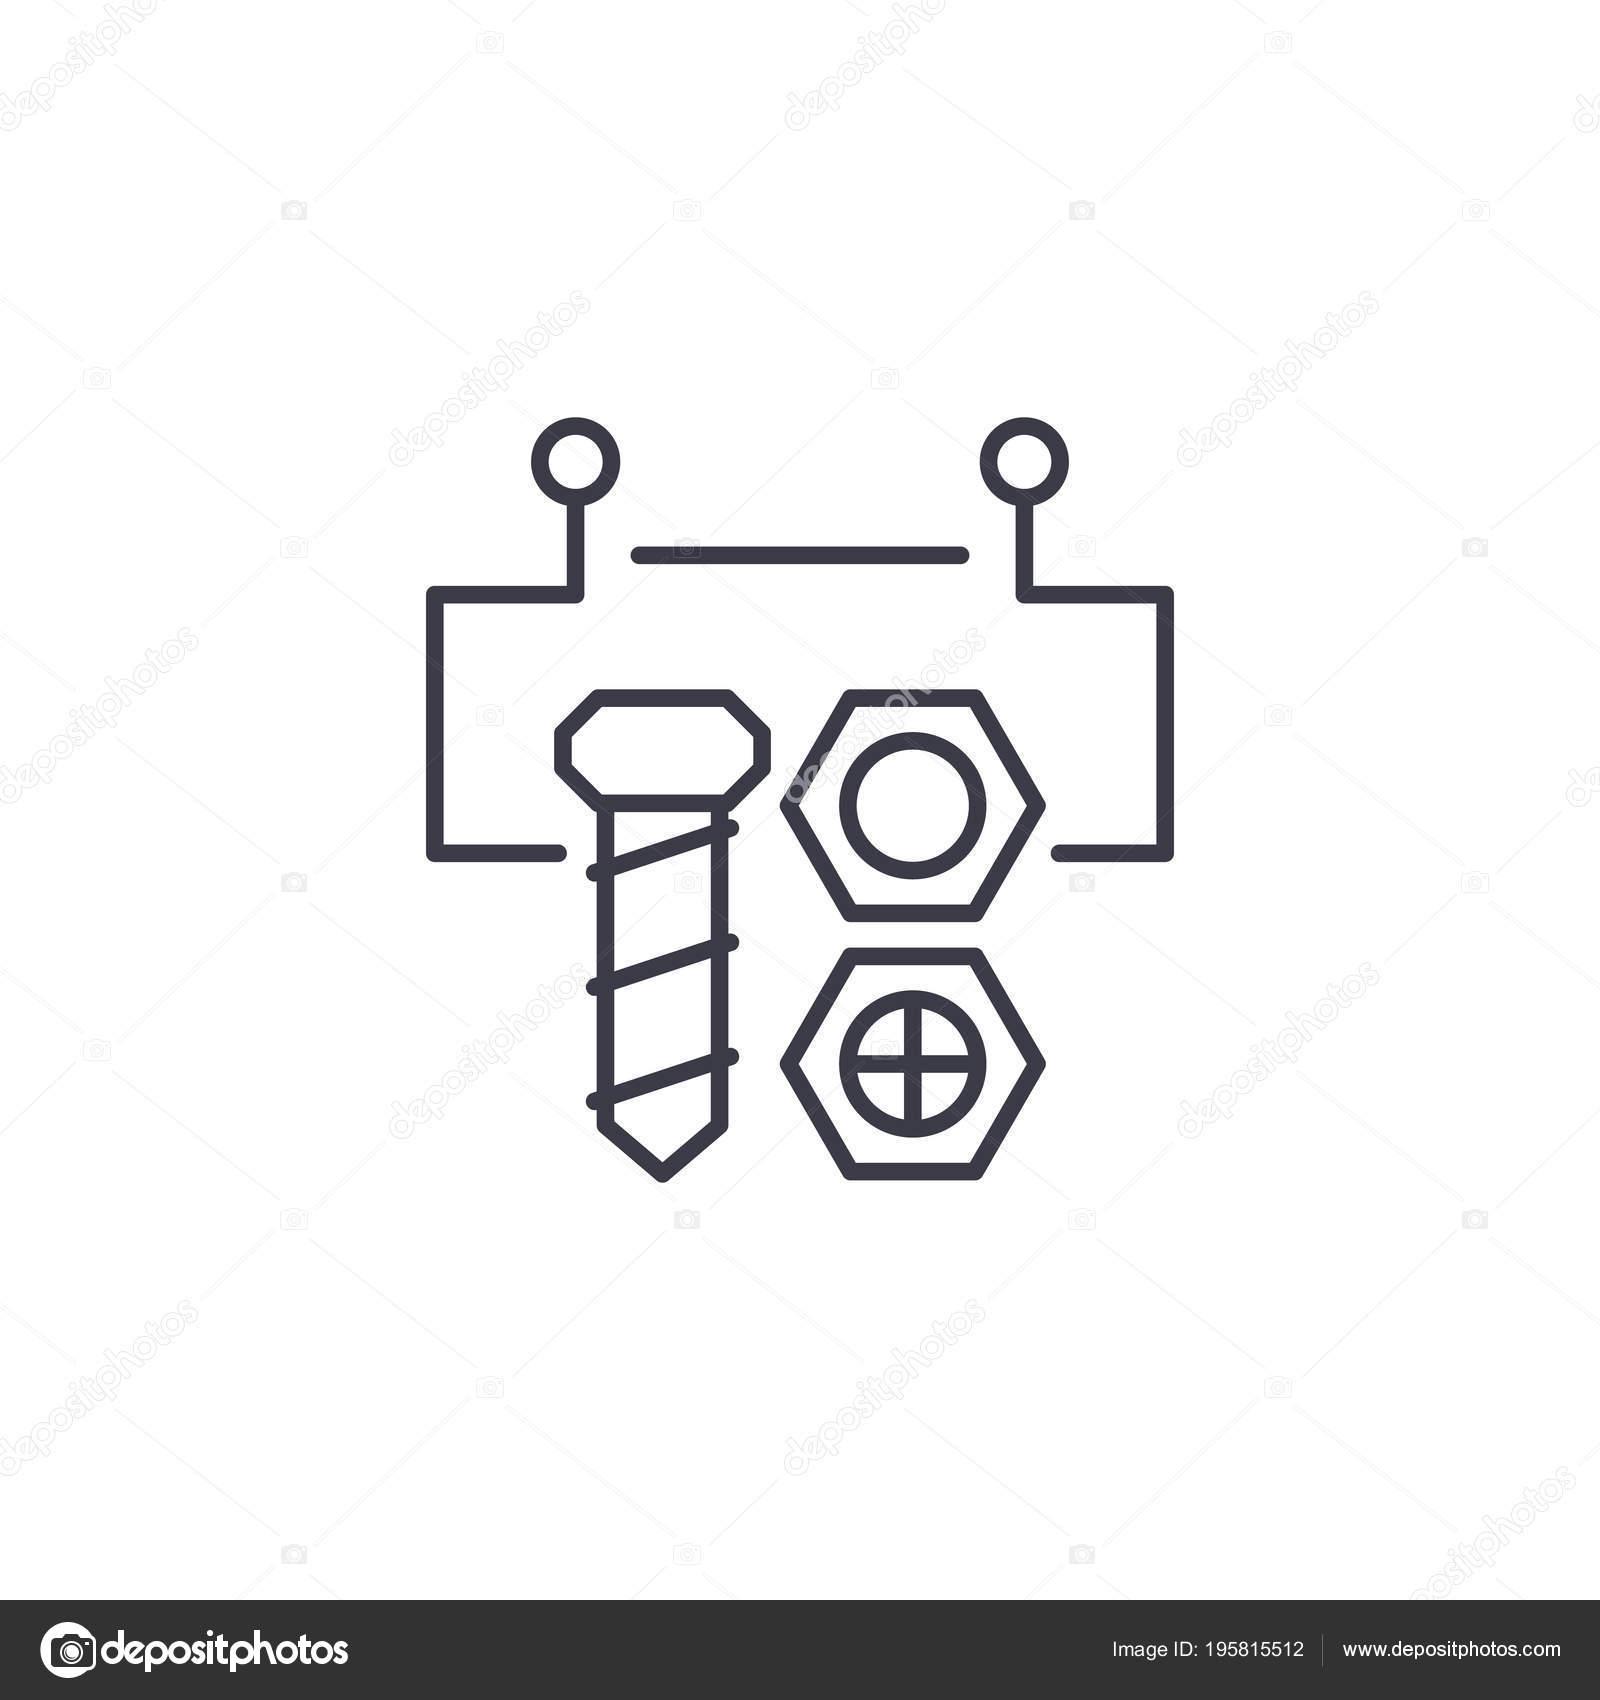 Circuito Lineal : Concepto de icono lineales de circuito de bloque bloque de